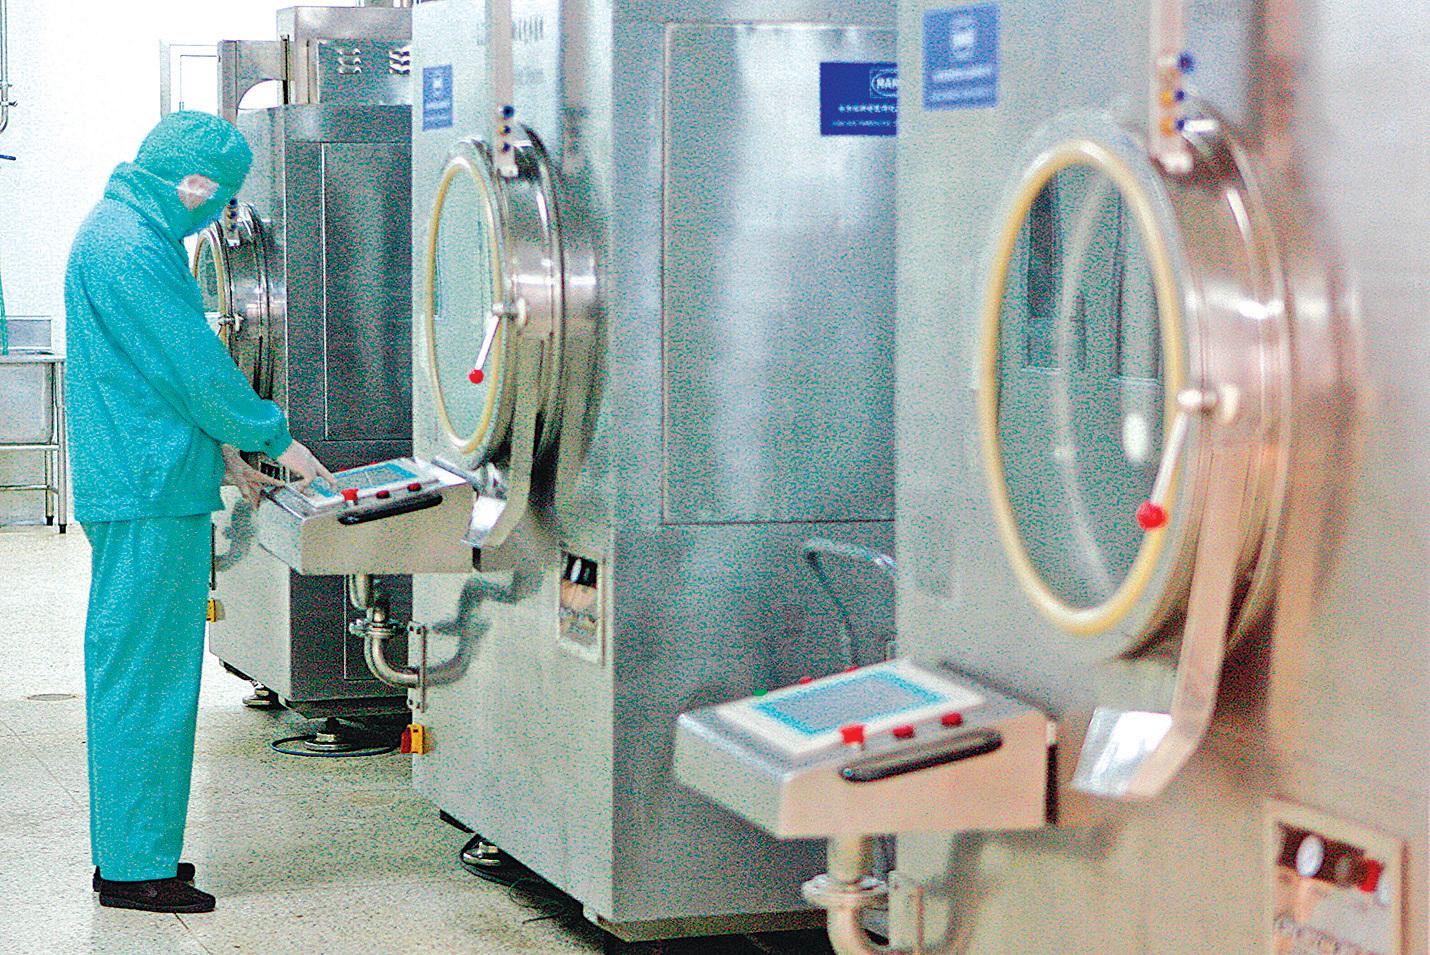 美國國防衛生專家認為,中國在全球藥材原料市場上日益佔主導地位,影響國家安全風險。 圖為北京一家製藥工廠。(AFP)